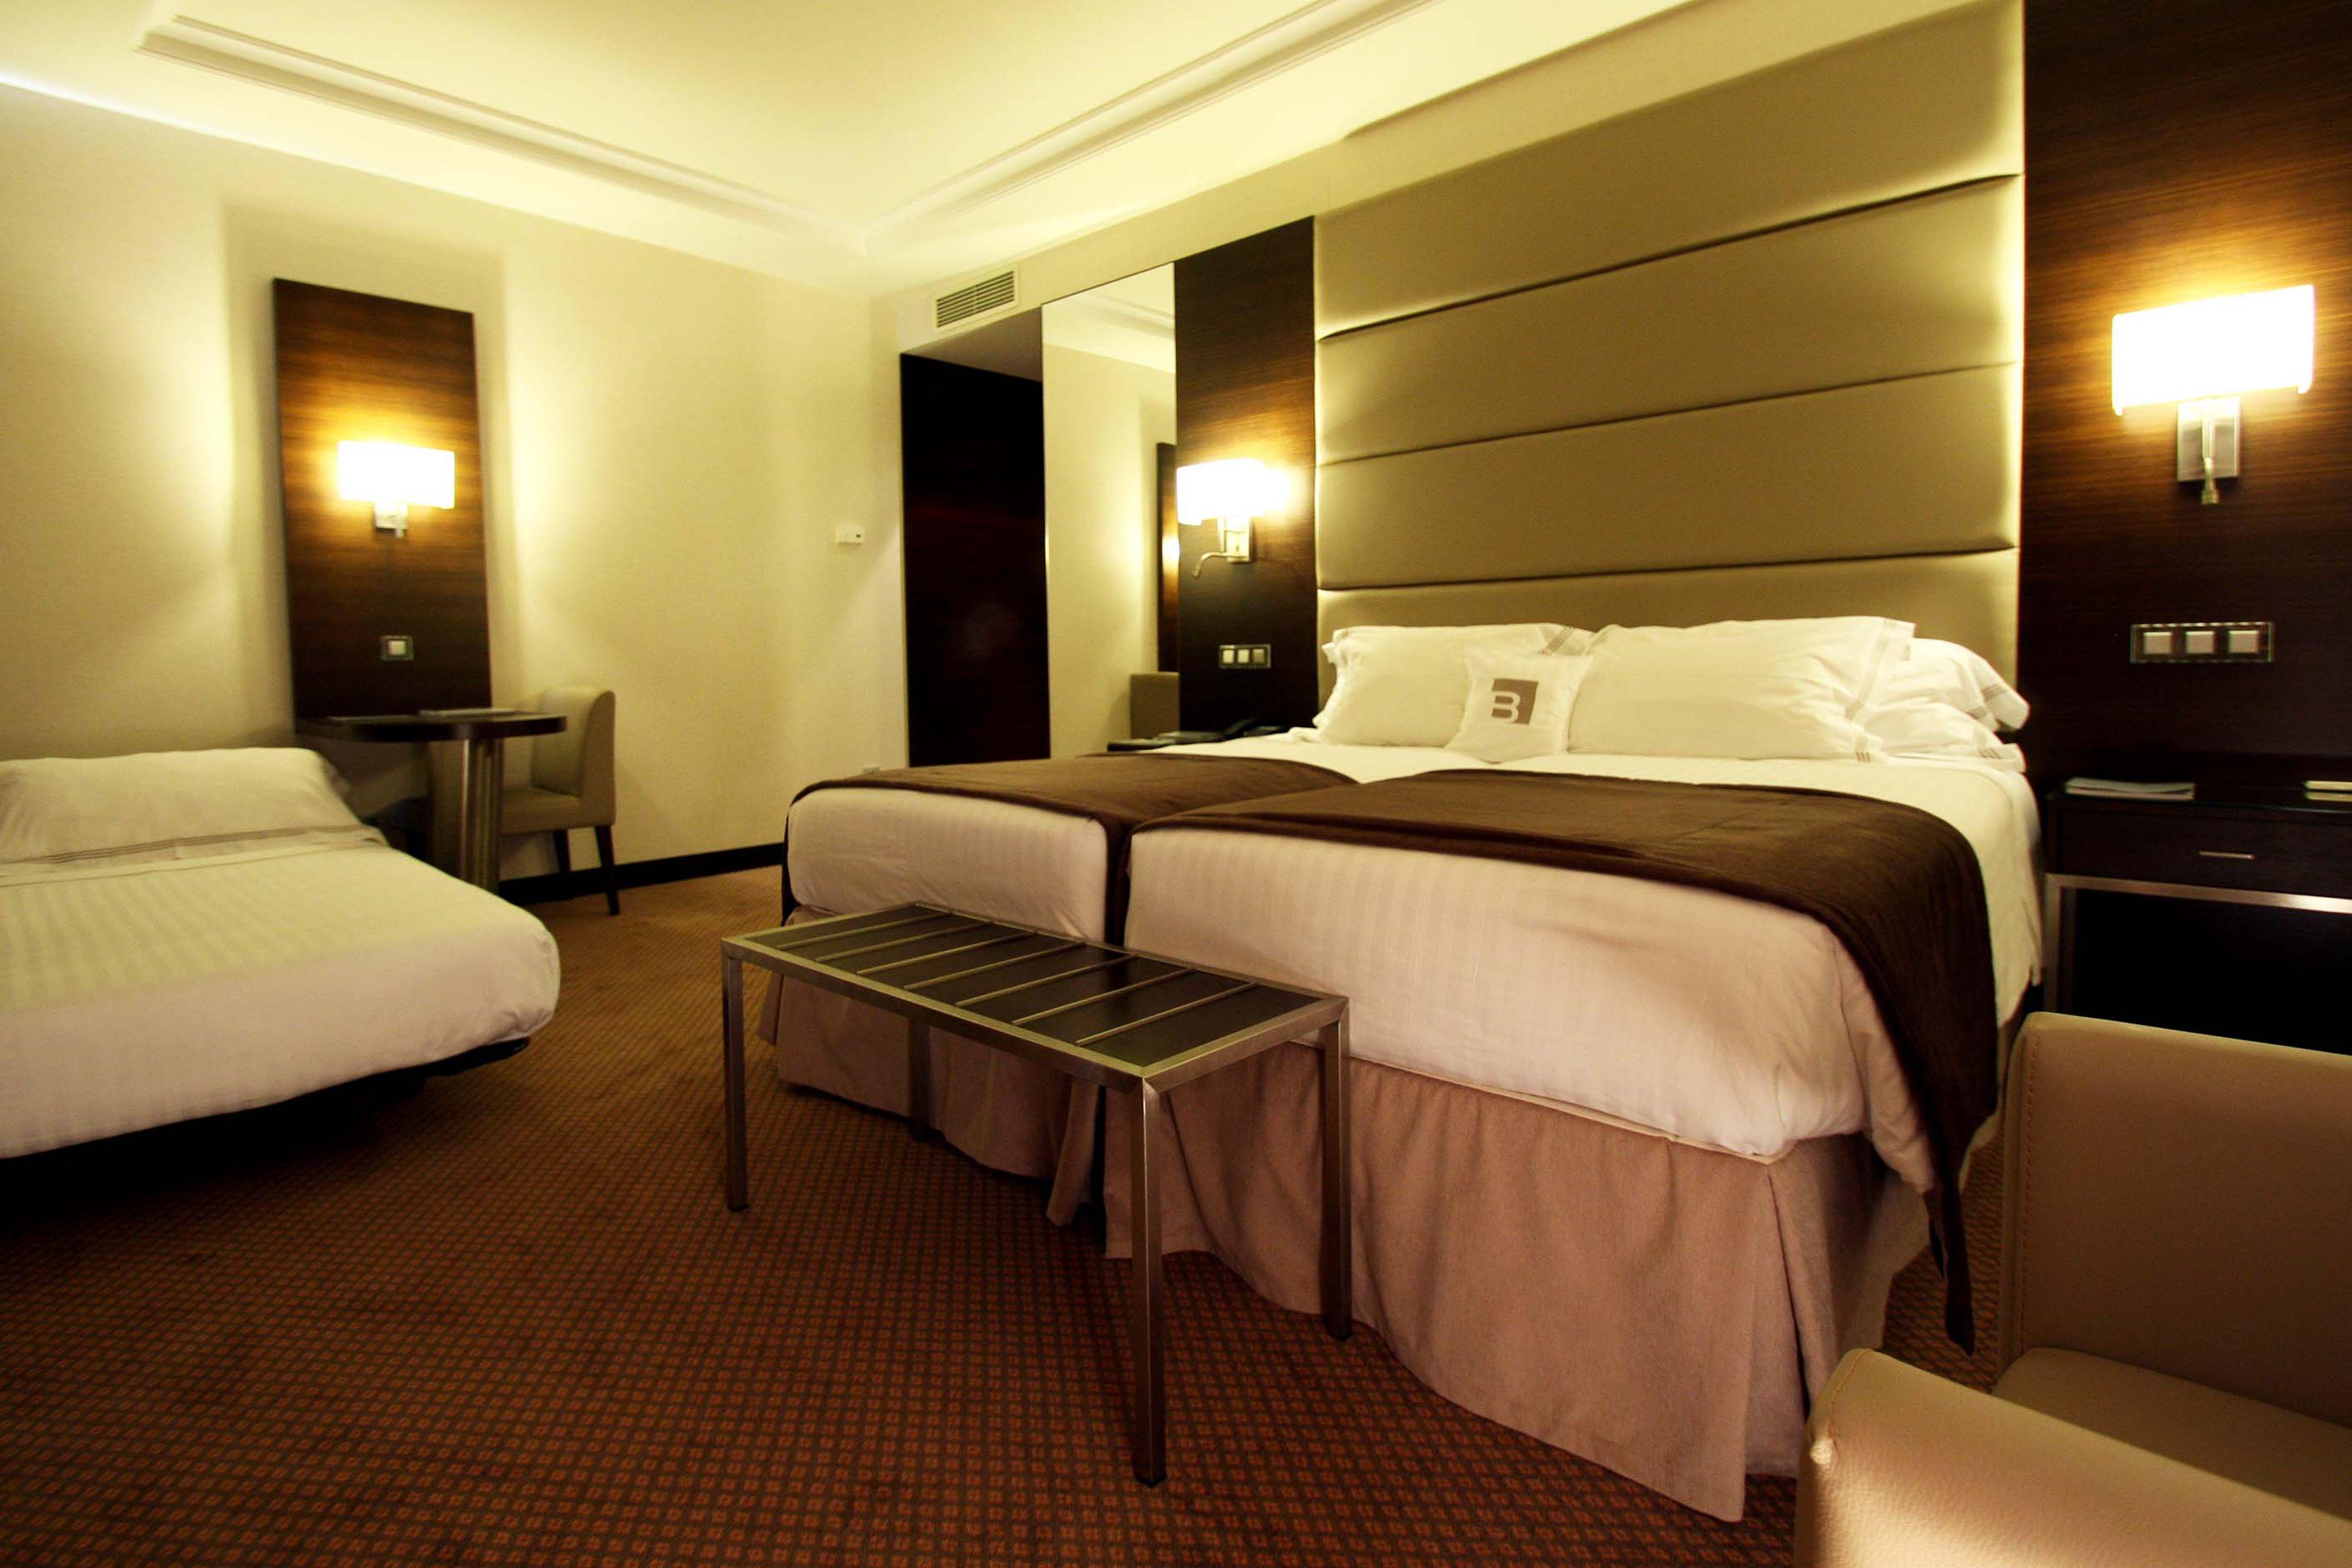 031_bessahotel_triple room